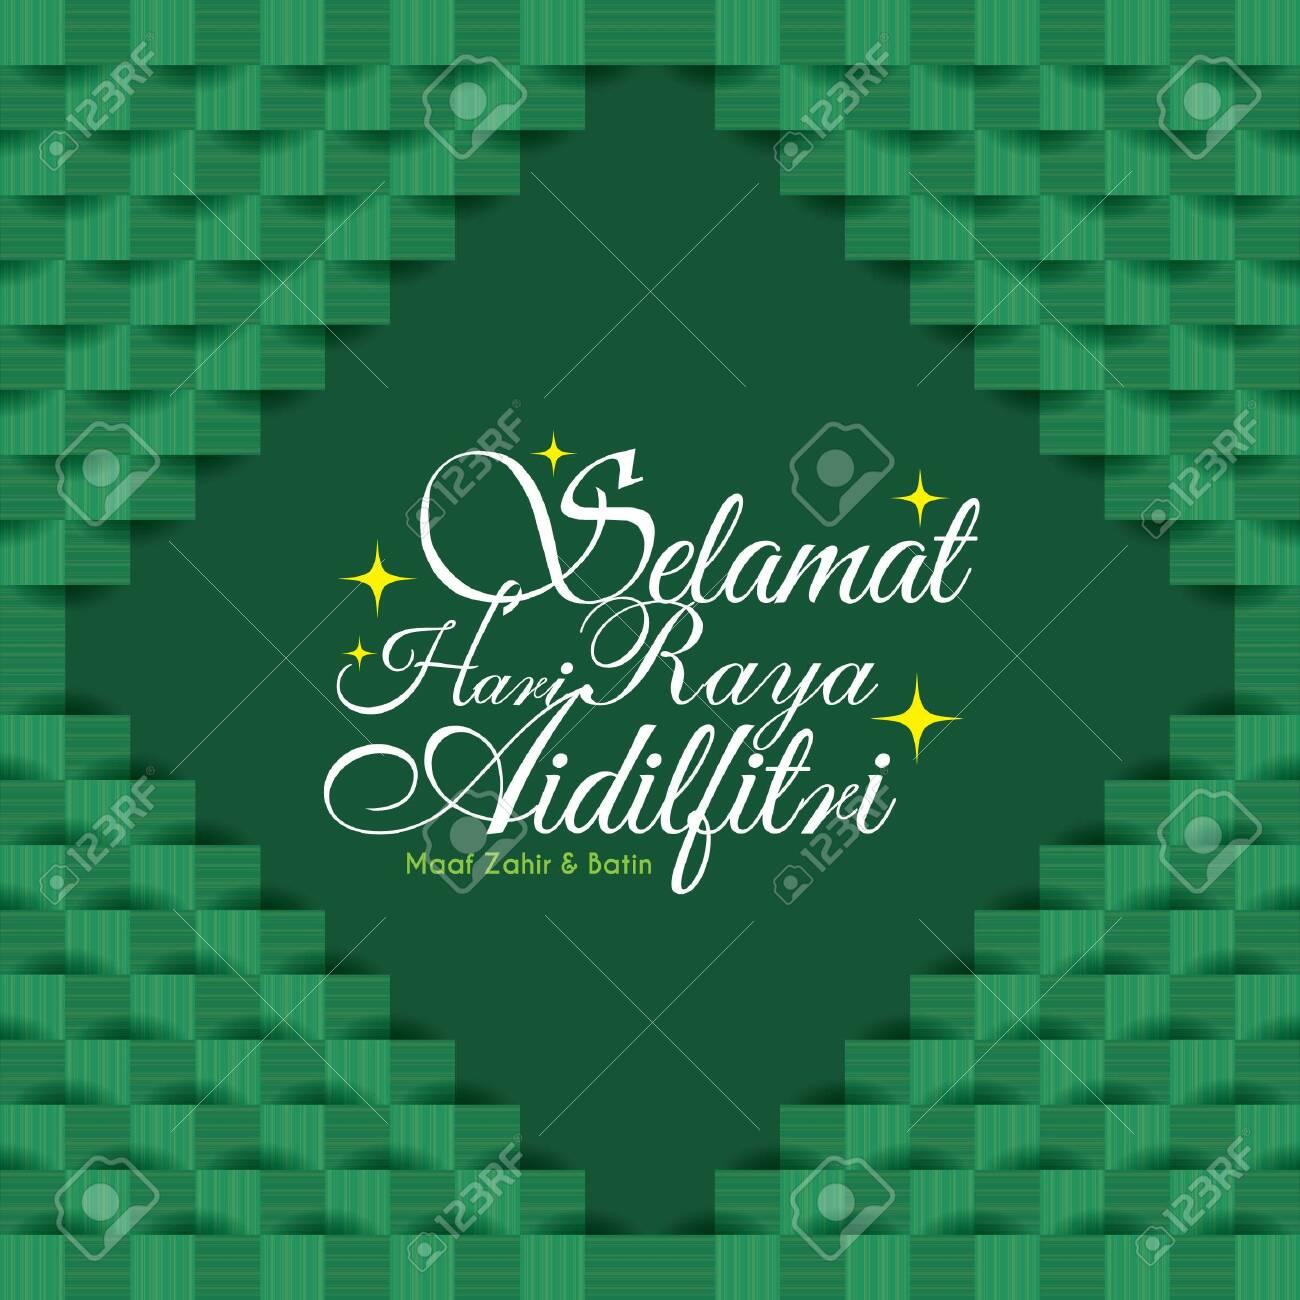 Selamat Hari Raya Aidilfitri greeting card with ketupat texture (malay rice dumpling). - 122095263